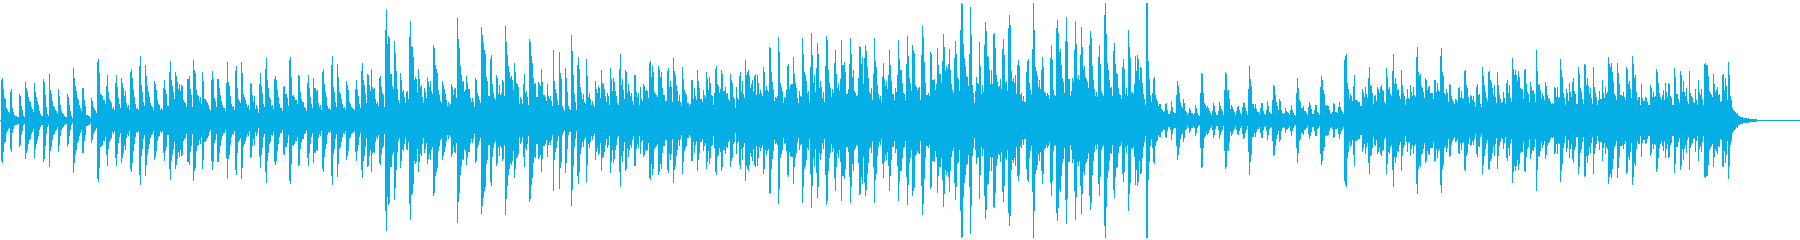 マリンバ、カリンバ、ストリングス、...の再生済みの波形